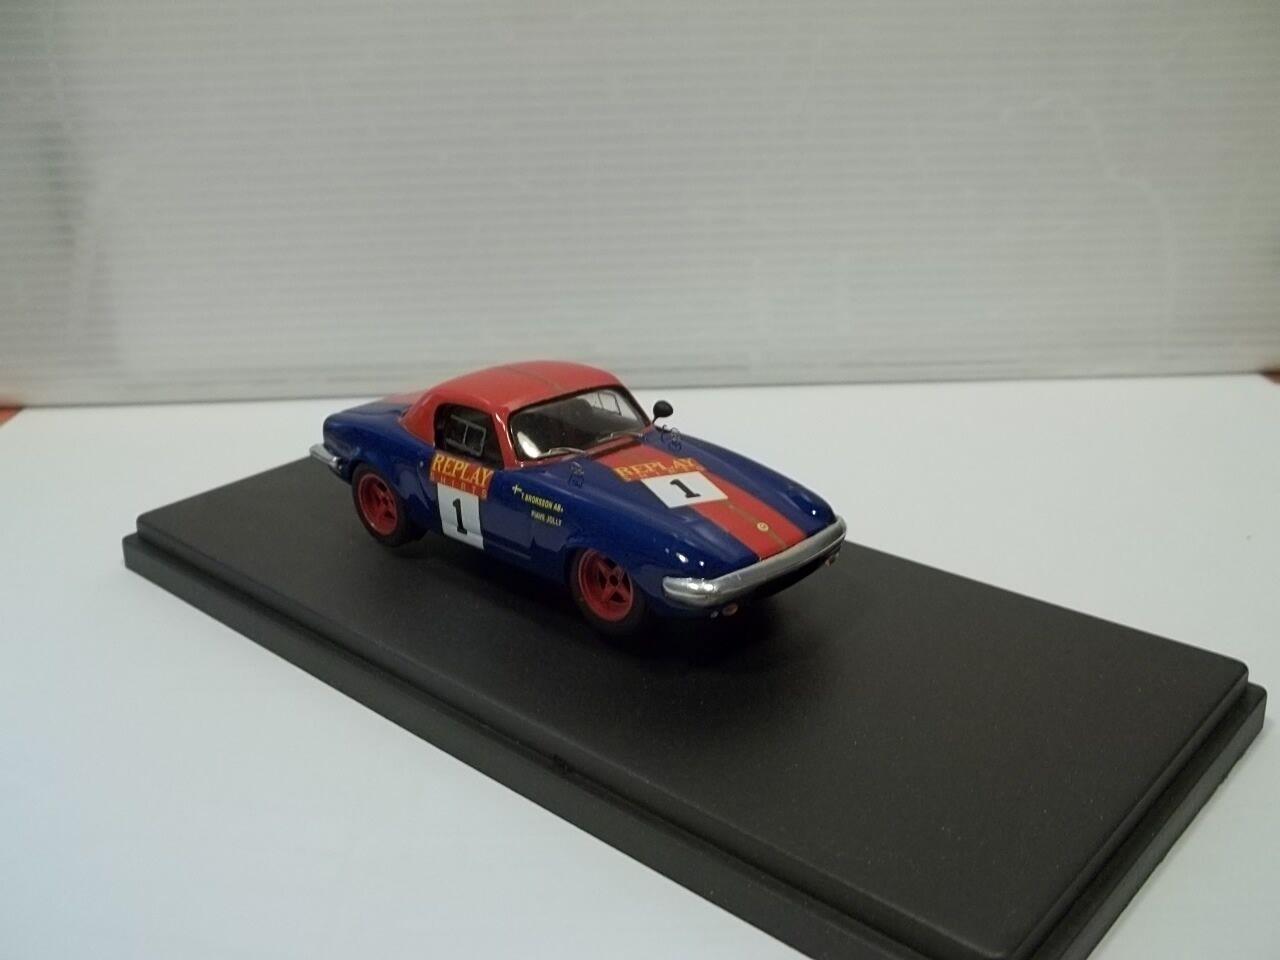 Pit model lotus elan repaly monza 1995 sc1 43,realdy built